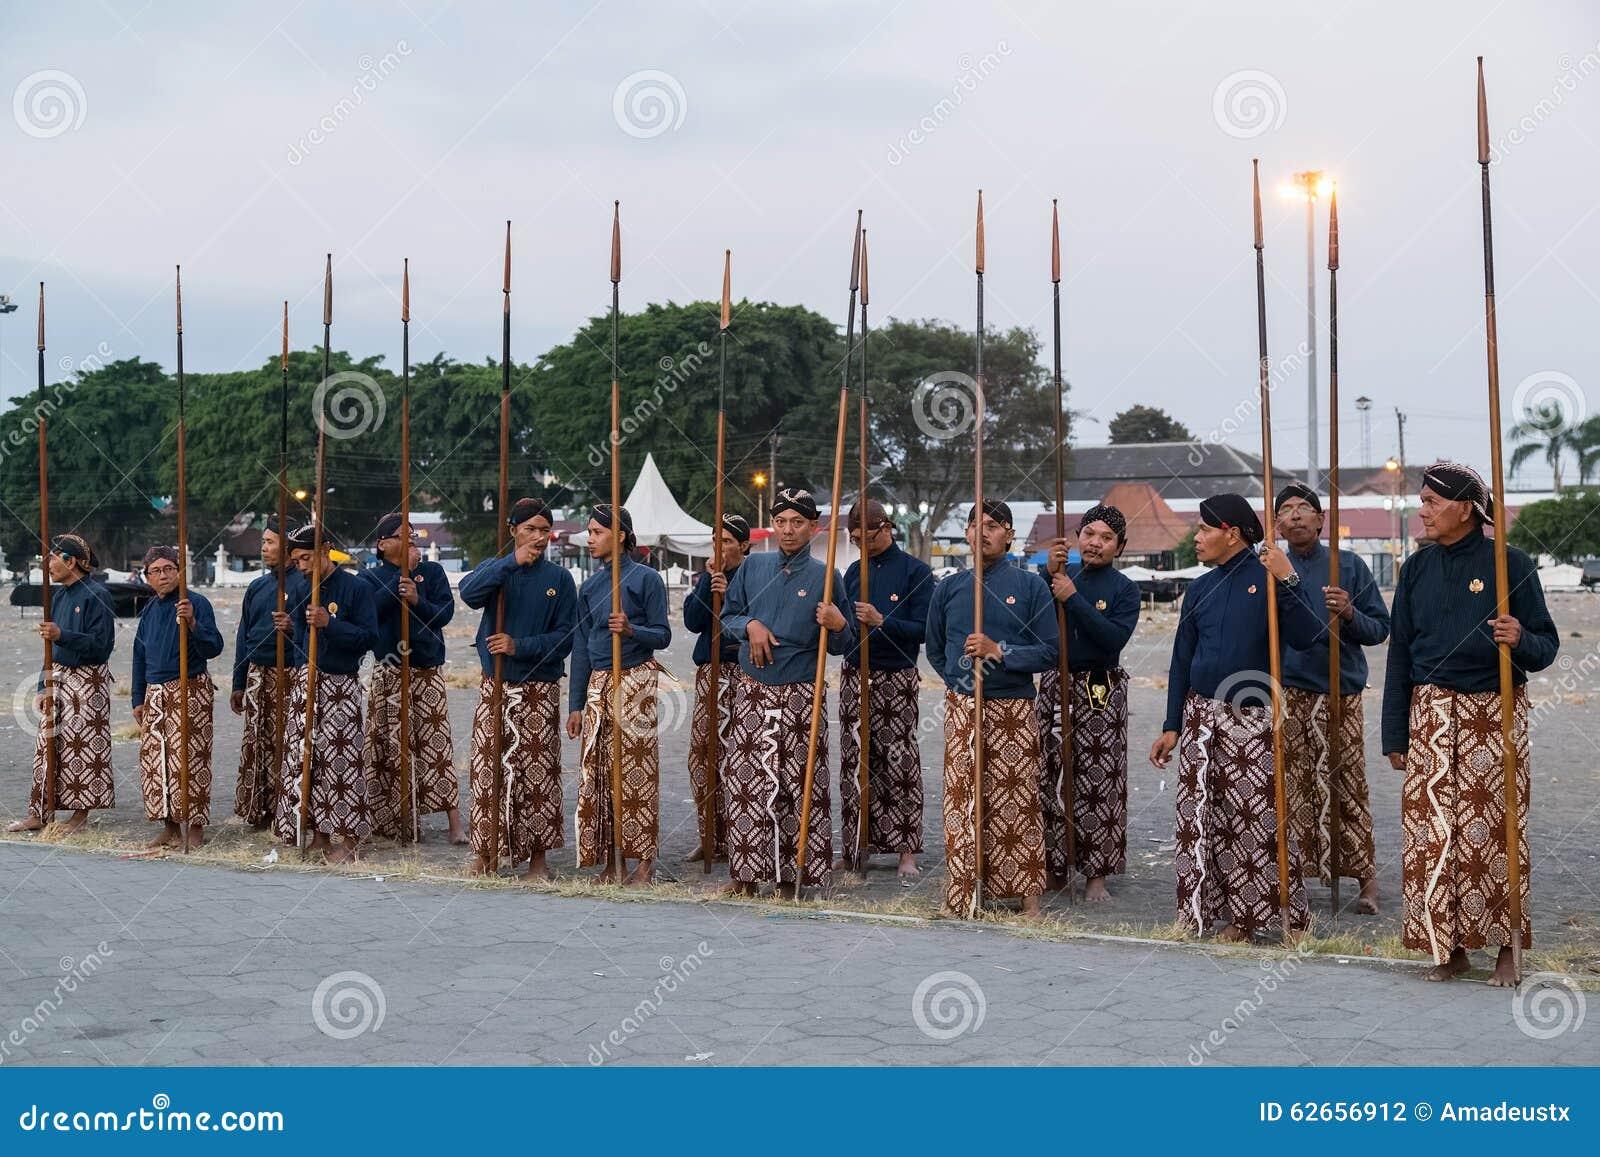 YOGYAKARTA, INDONESIEN - CIRCA IM SEPTEMBER 2015: Zeremonieller Sultan Guards in den Sarongs, die mit Stangen vor Sultan Palace s